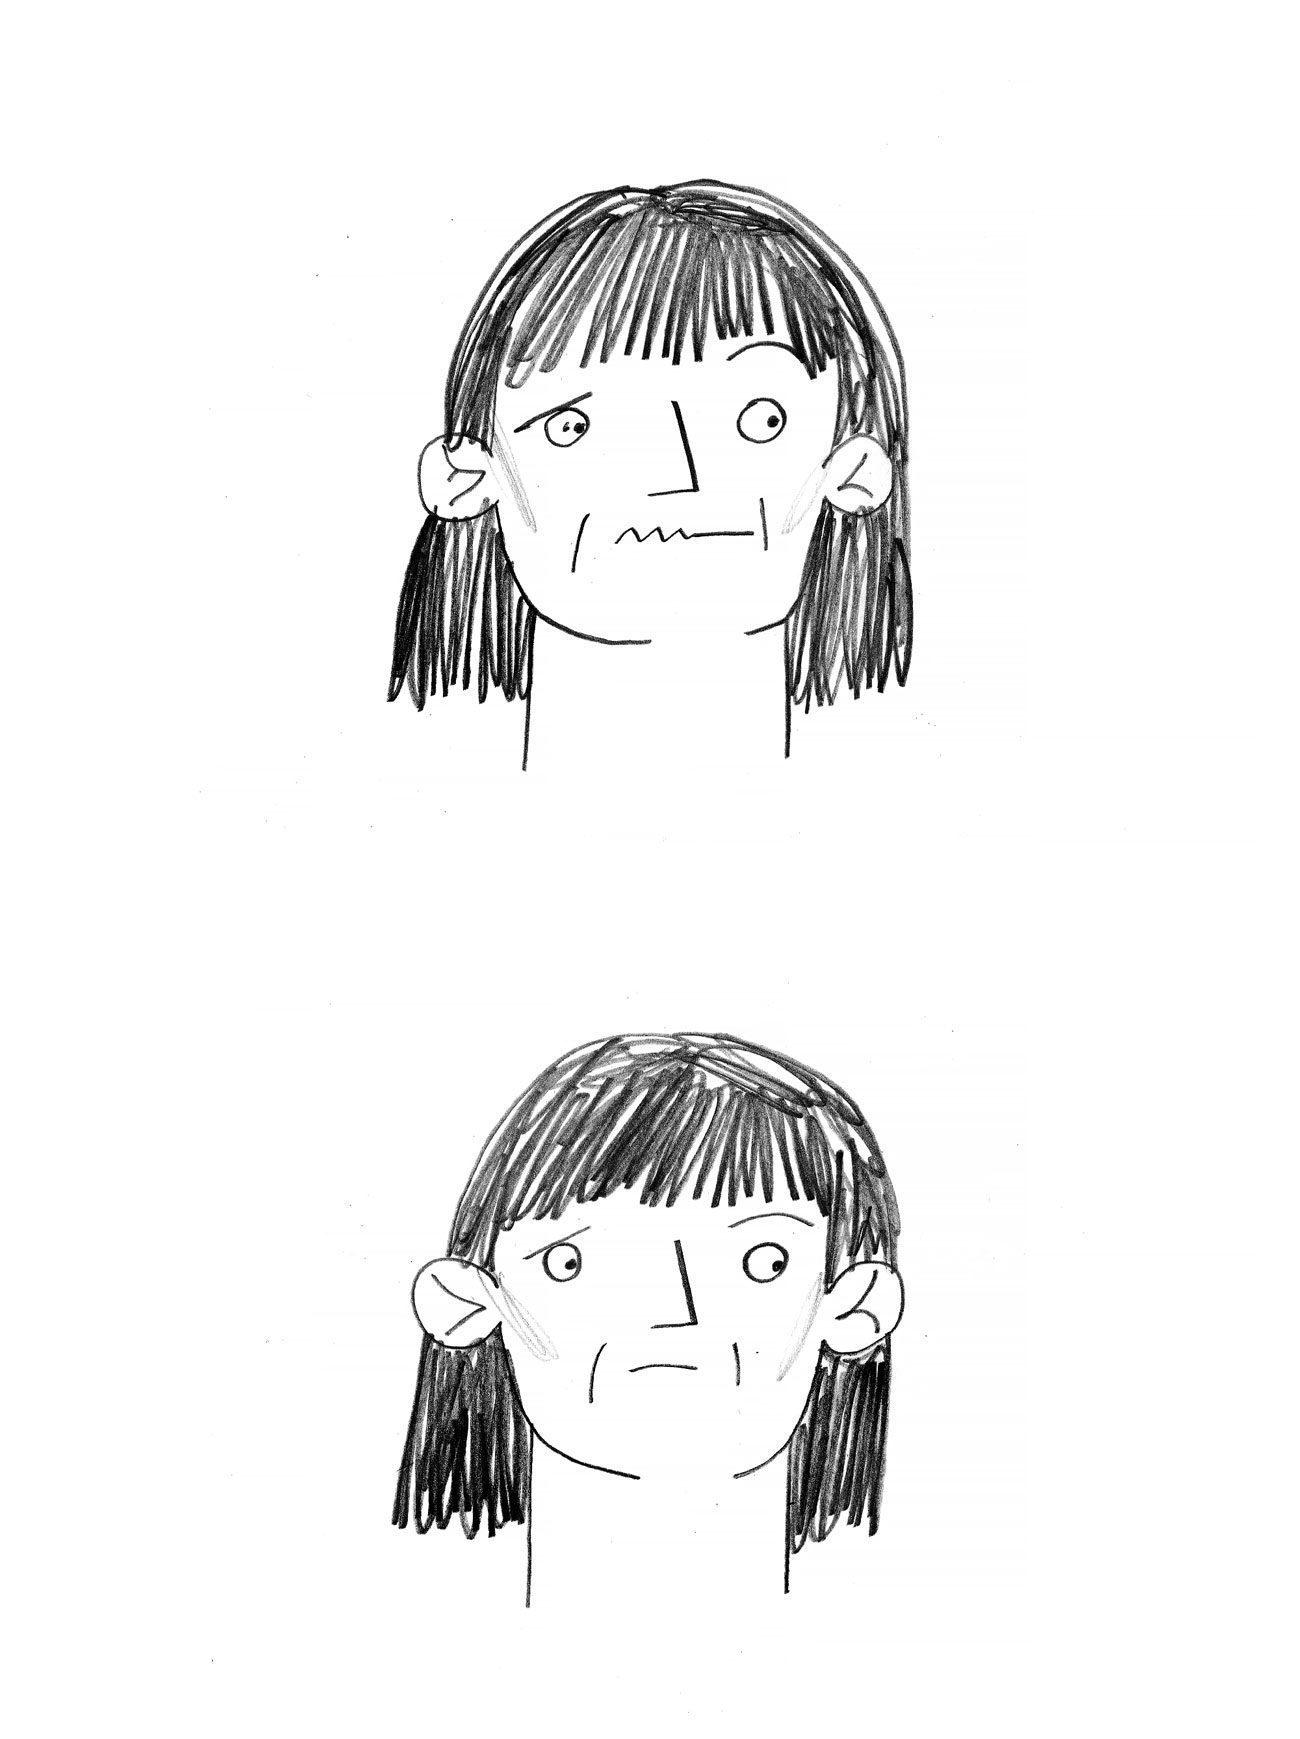 comics oliynik 30 - <b>Вам дісталася сумна дитина.</b> Комікс Жені Олійник про те, як депресія впливає на стосунки - Заборона